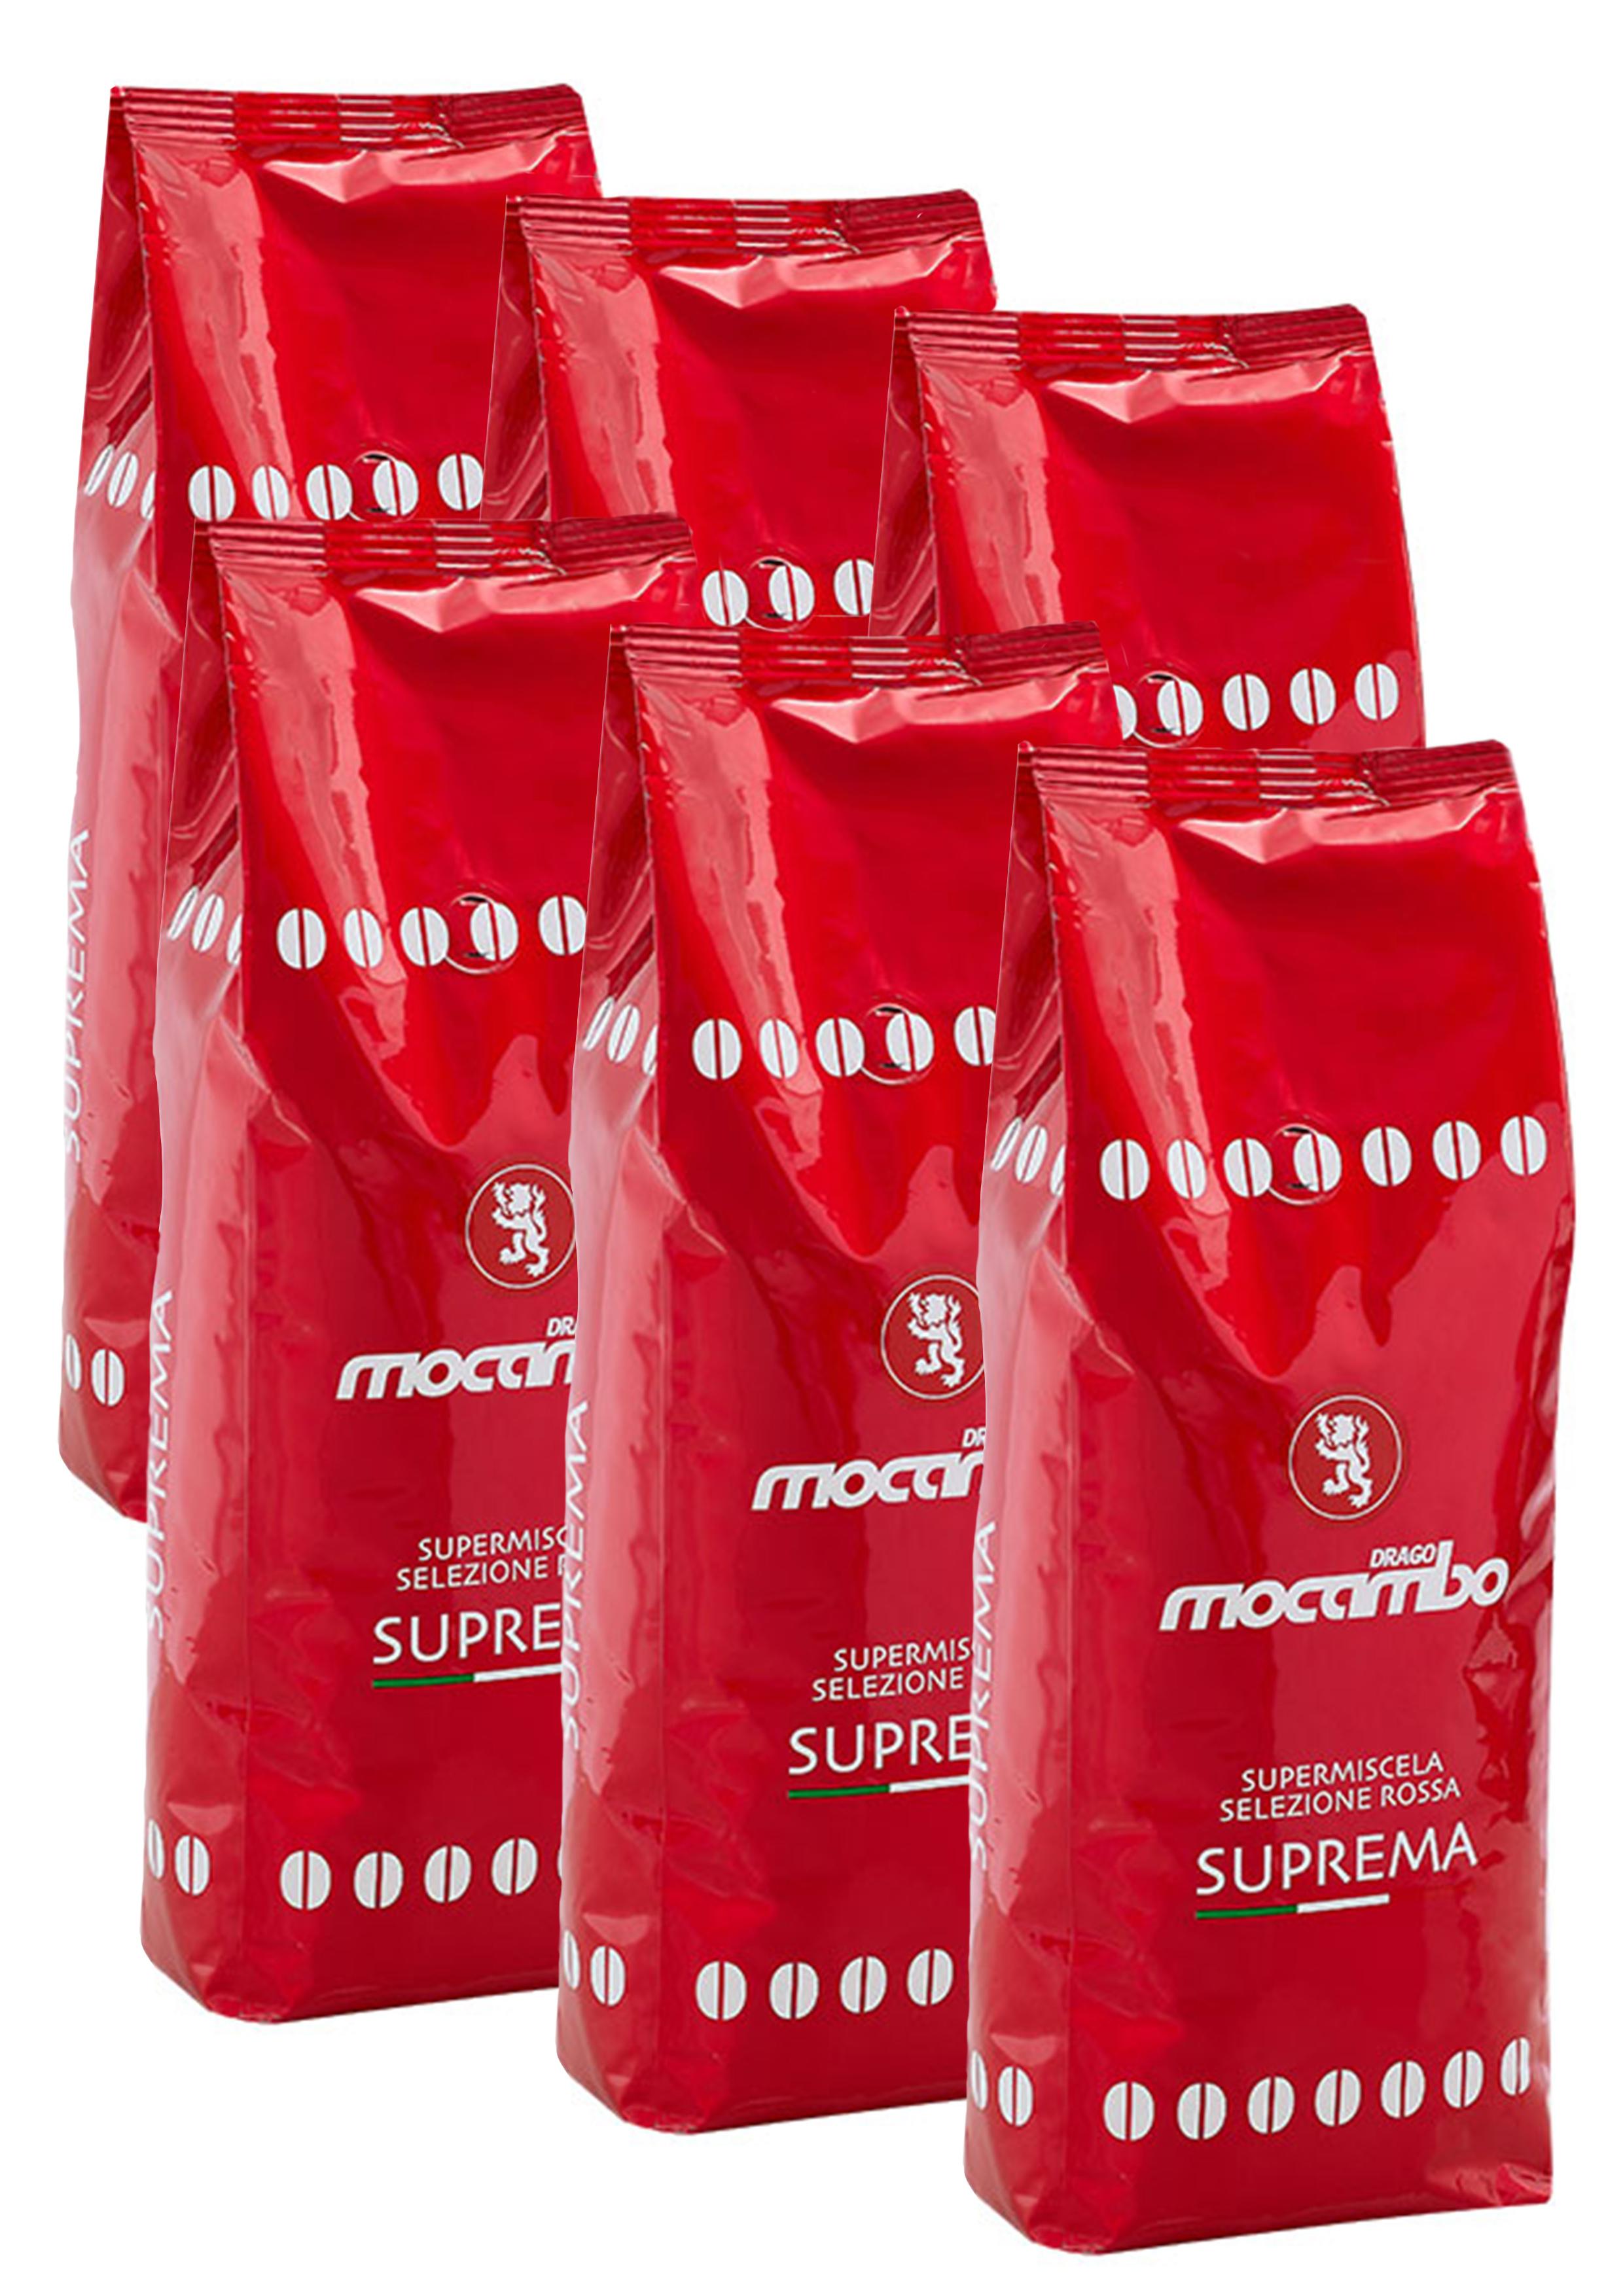 Mocambo Suprema Bohnen (1 kg) 6er Pack